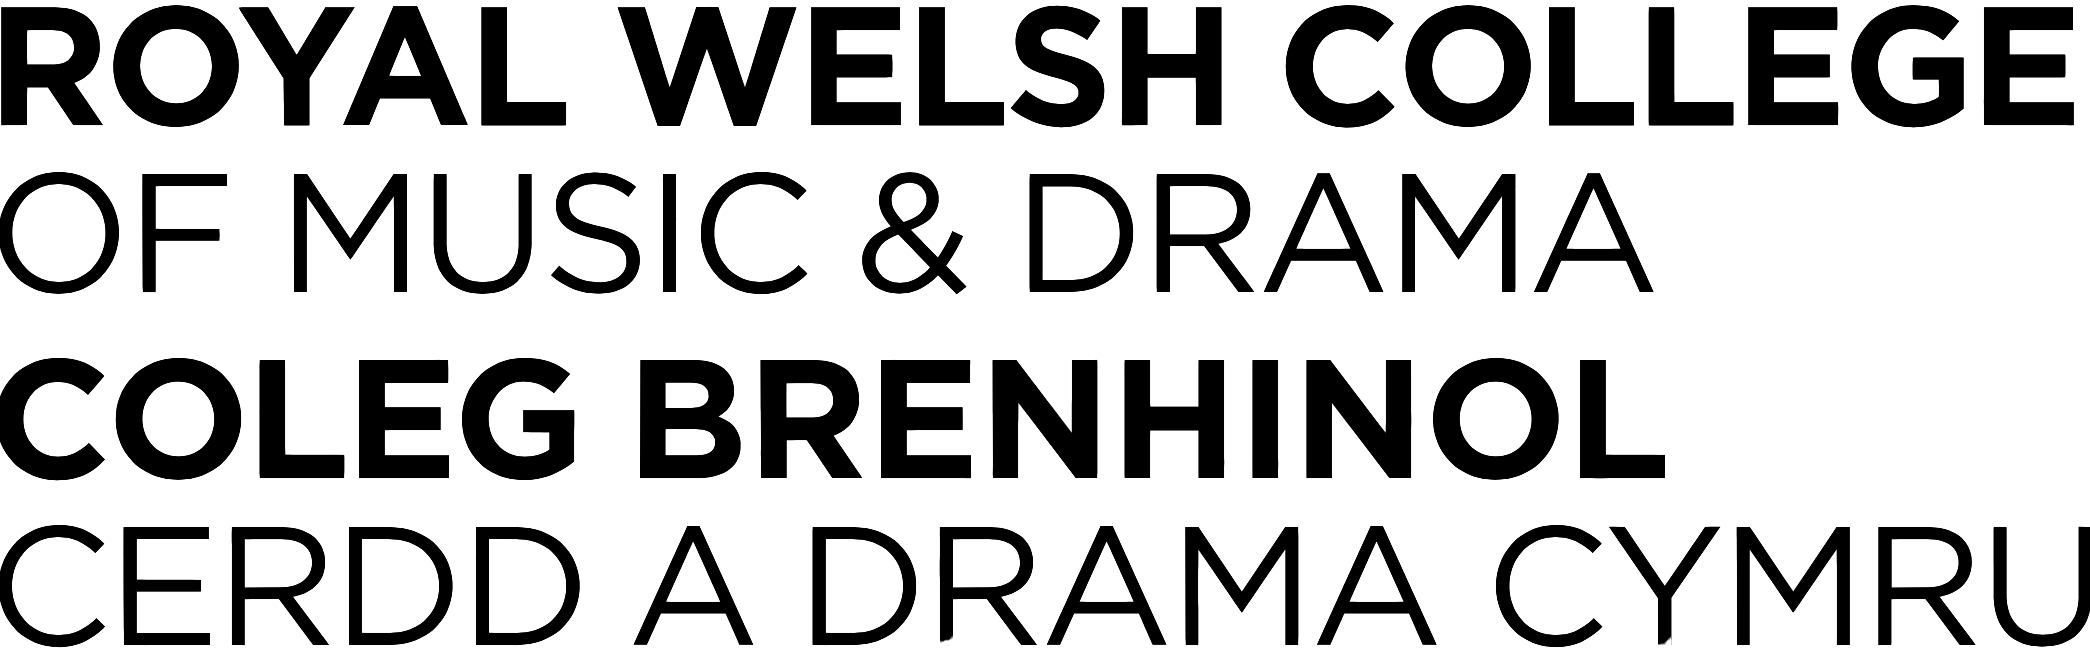 rwcmd-logo